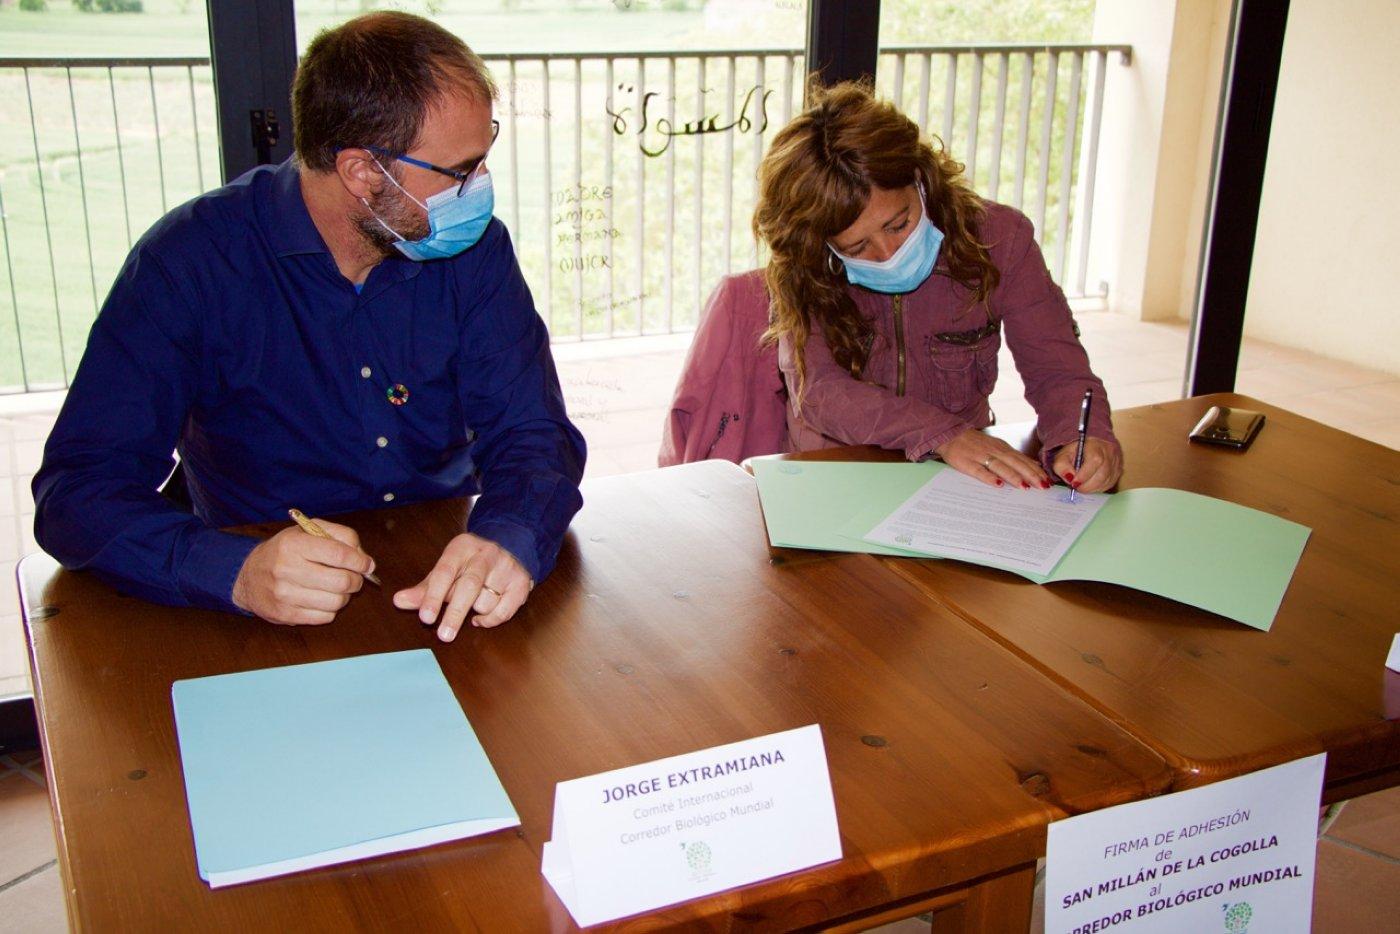 La alcaldesa de la localidad firmó ayer el documento que convierte al pueblo de Yuso y Suso en miembro del Corredor Biológico Mundial